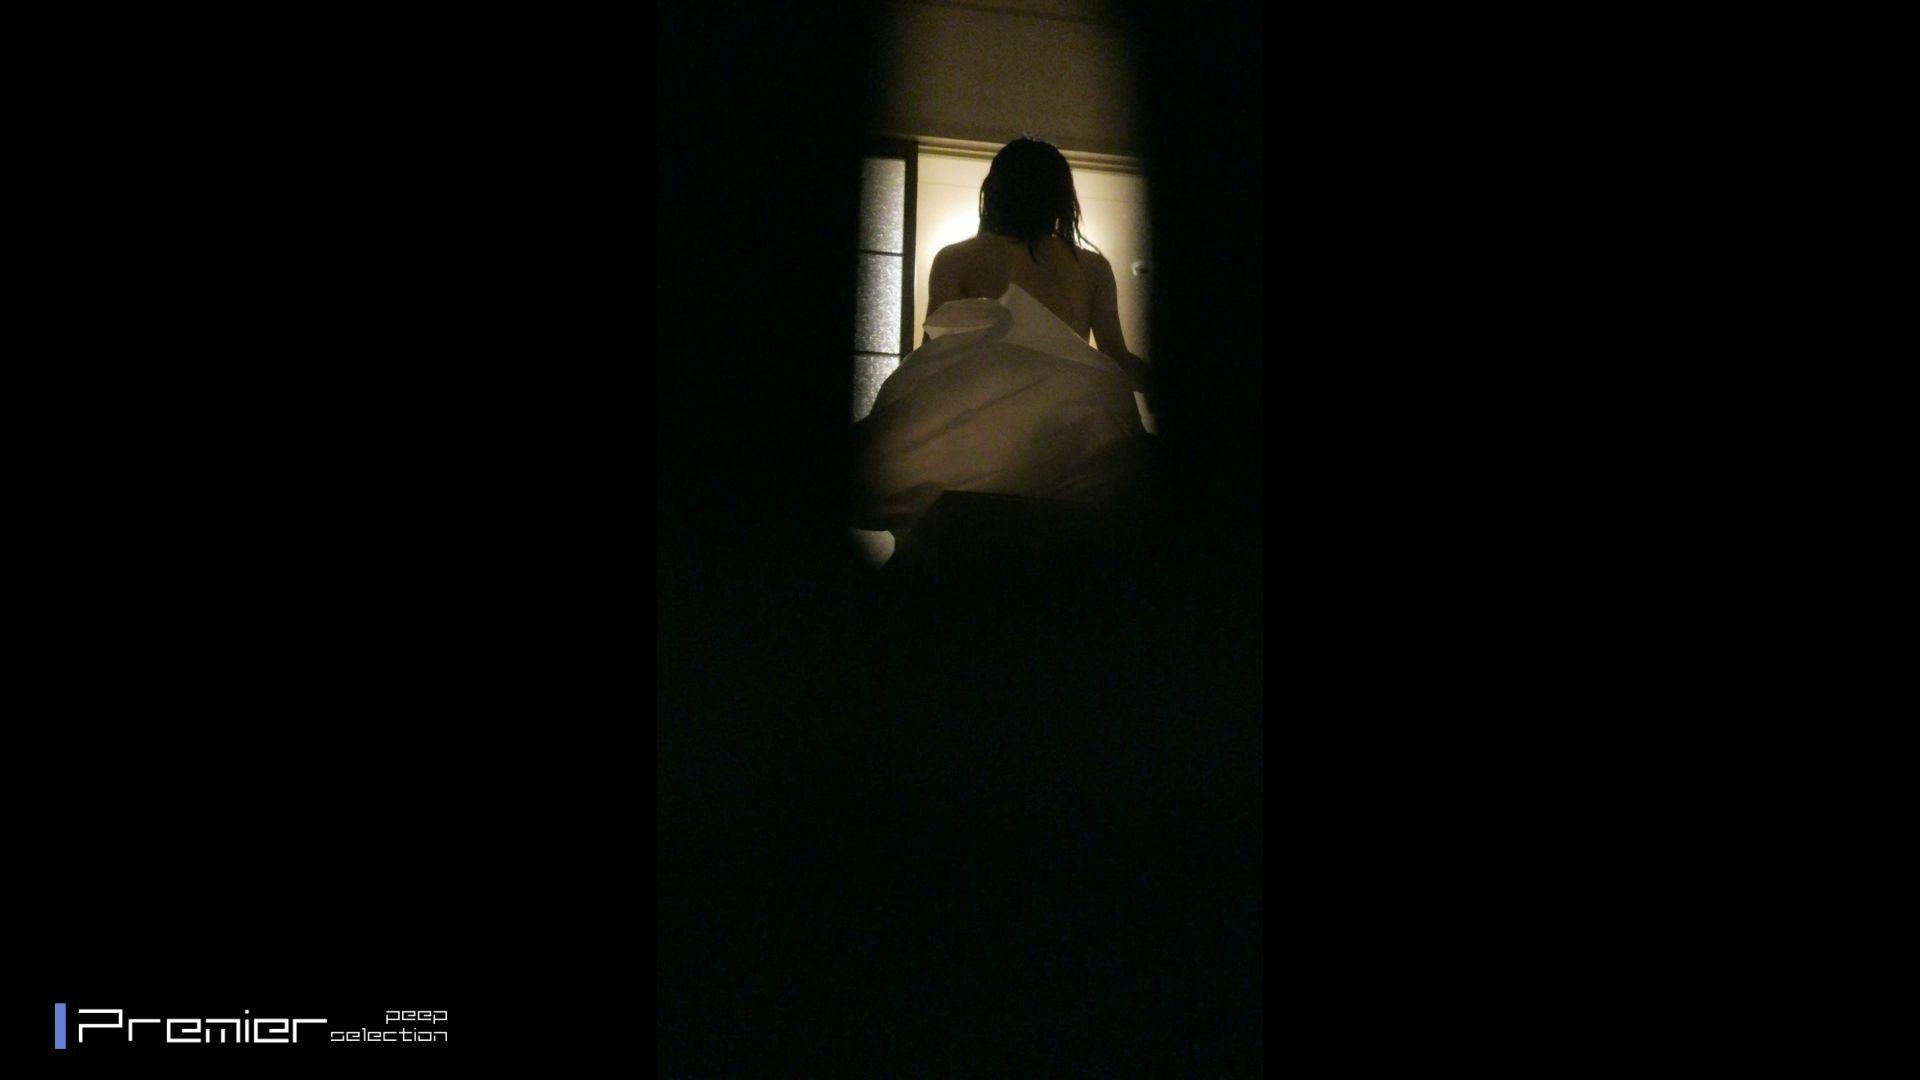 美女達の私生活に潜入!一人暮らし女子大生が見せる入浴前の恥ずかしい姿 入浴中のオンナ 隠し撮りすけべAV動画紹介 23pic 9